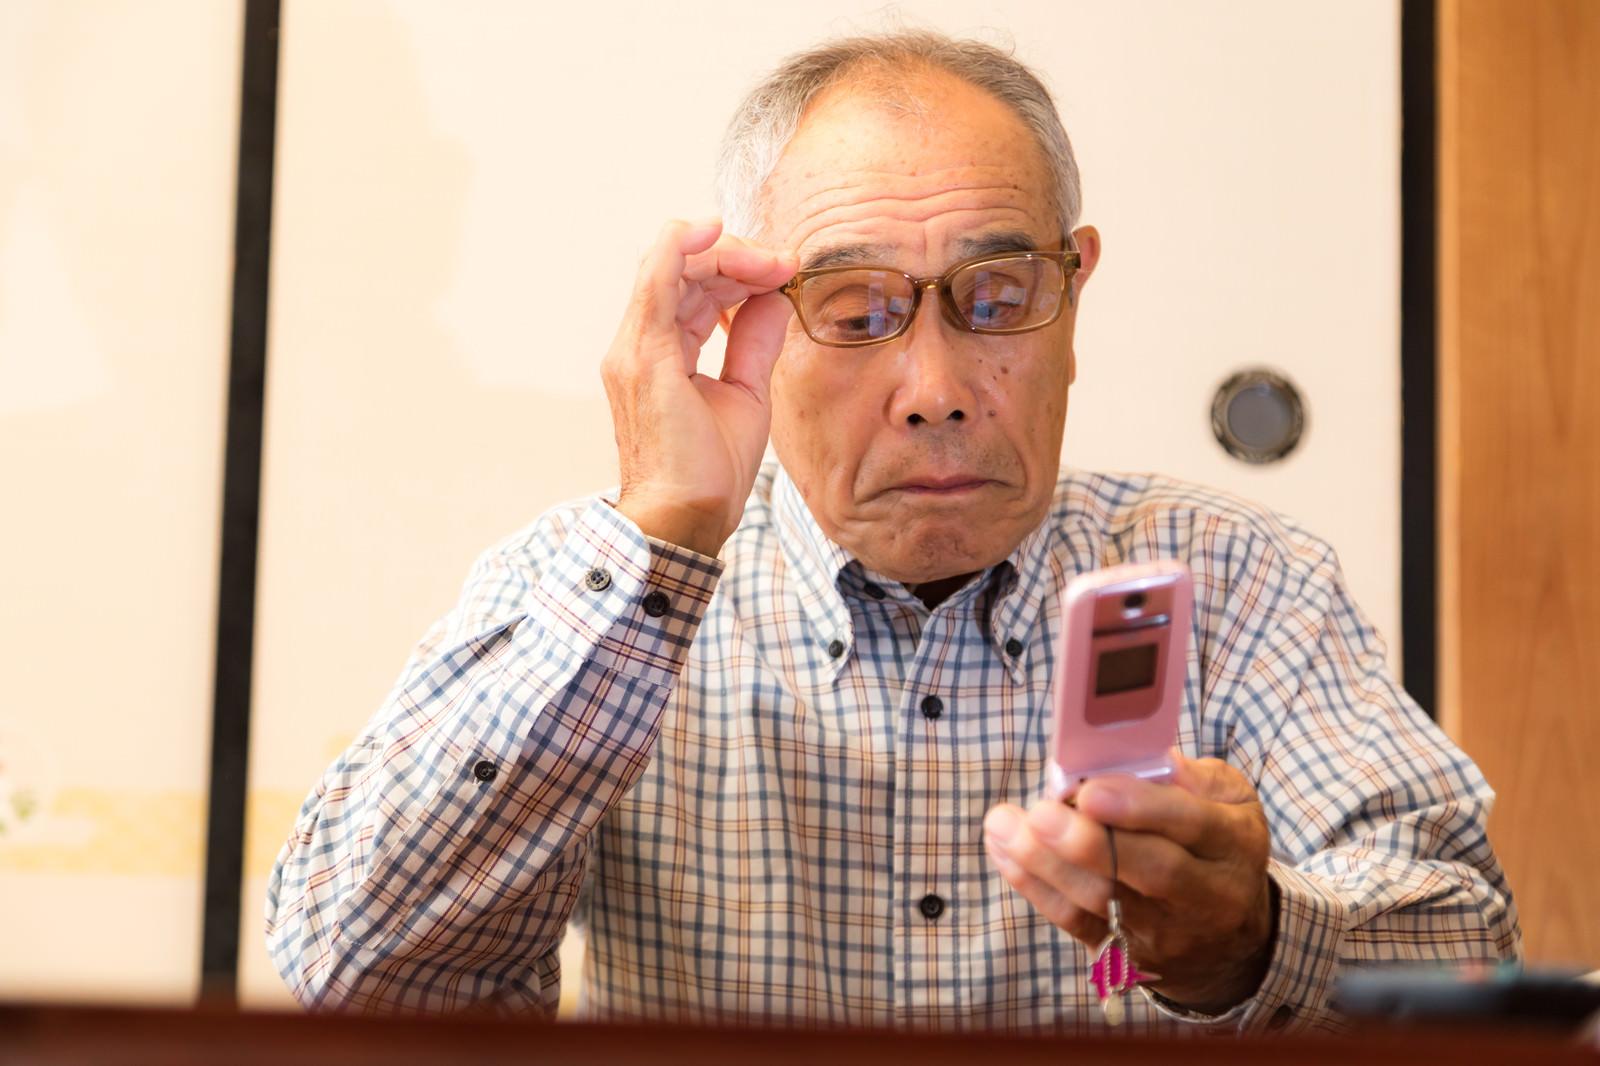 「高額請求のメールが届いて目を疑うお爺さん」の写真[モデル:まーちゃん]